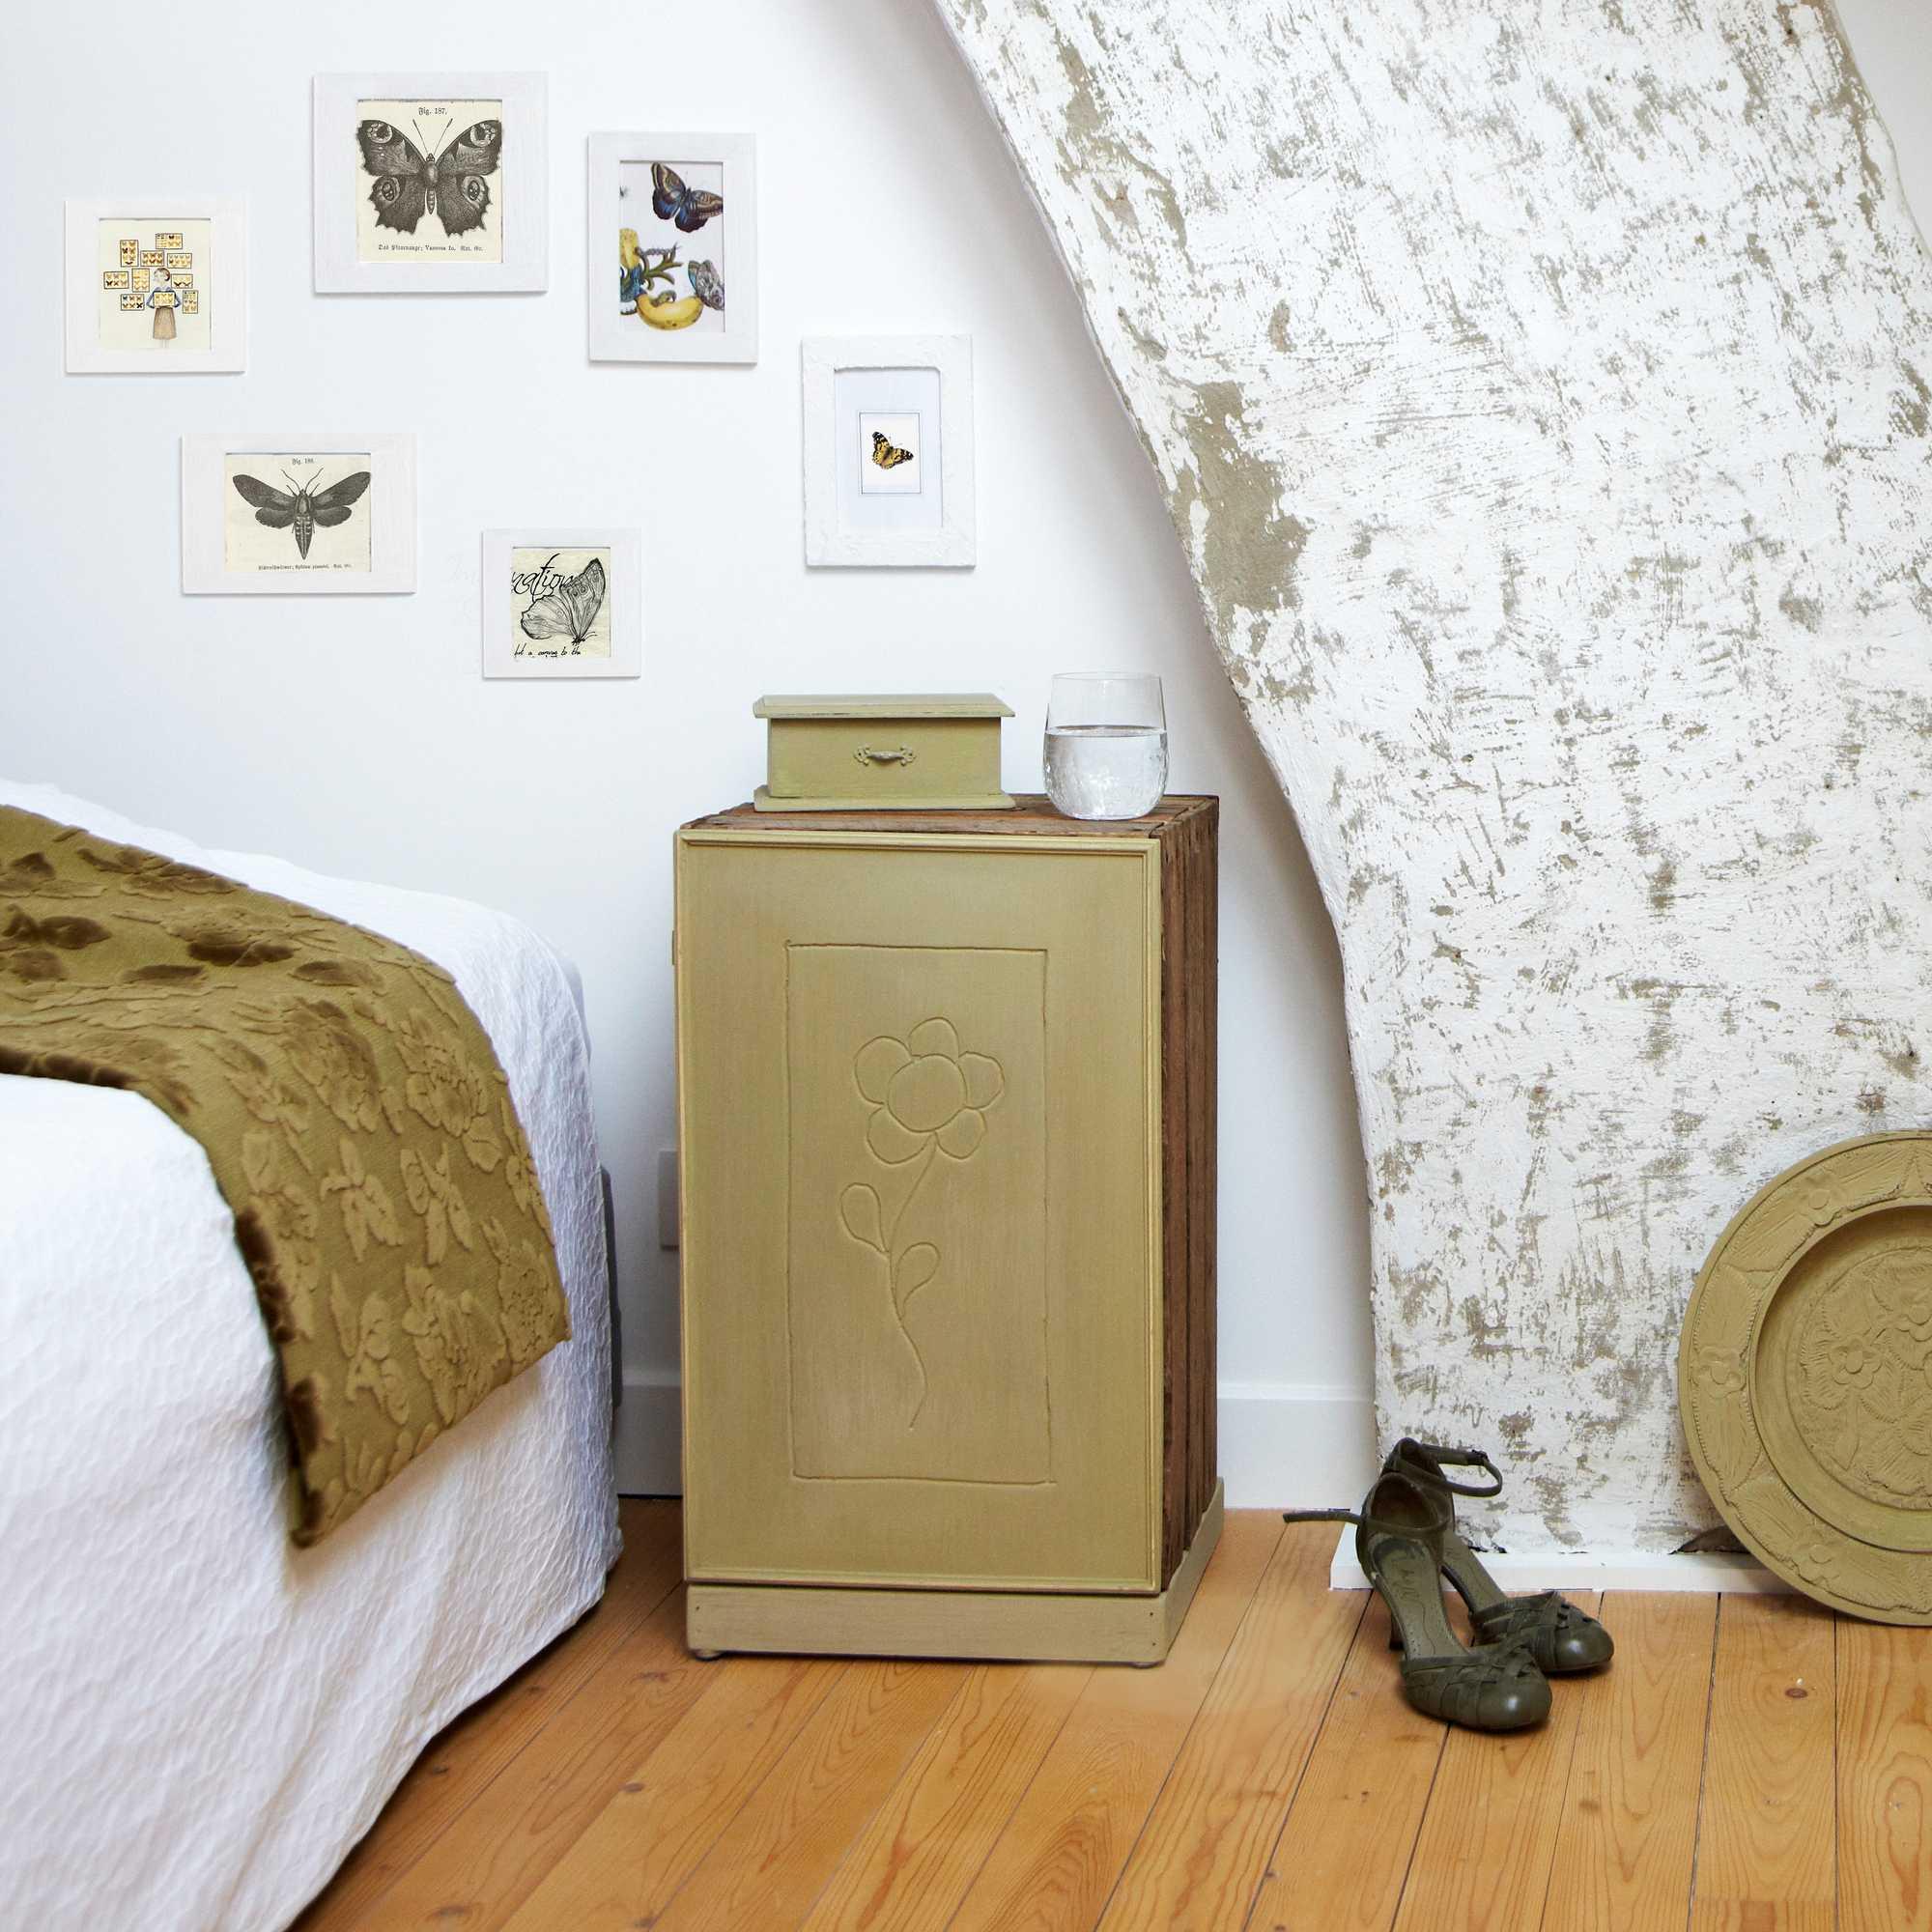 nachtkastje